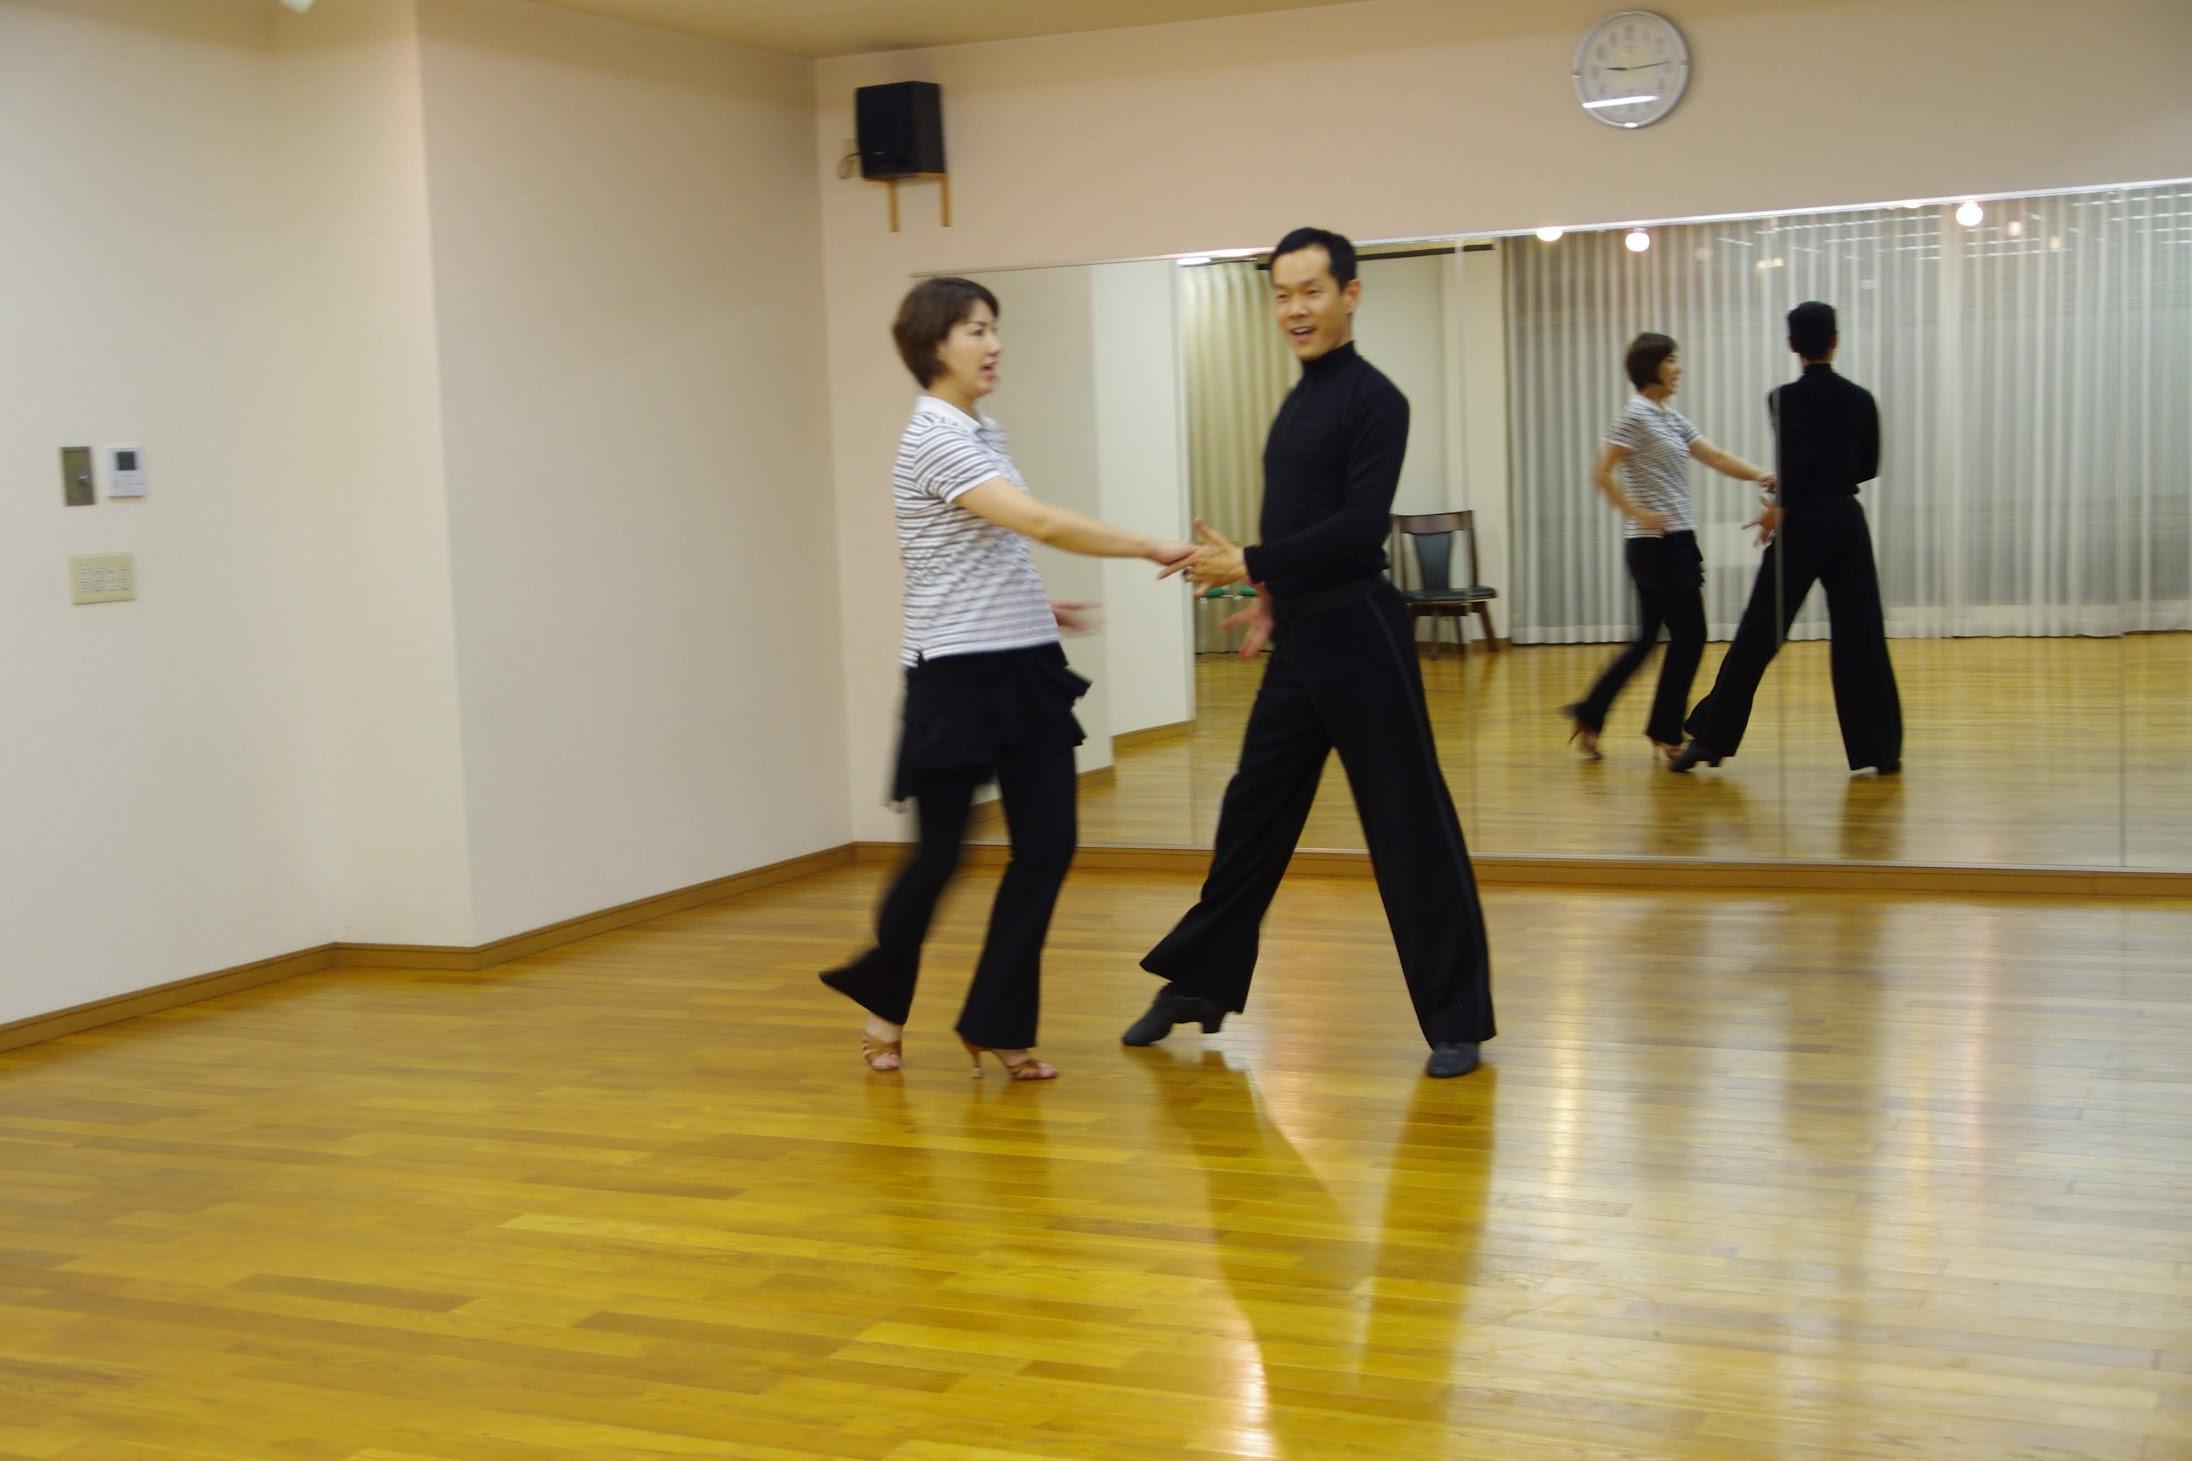 社交ダンス教室 静岡市